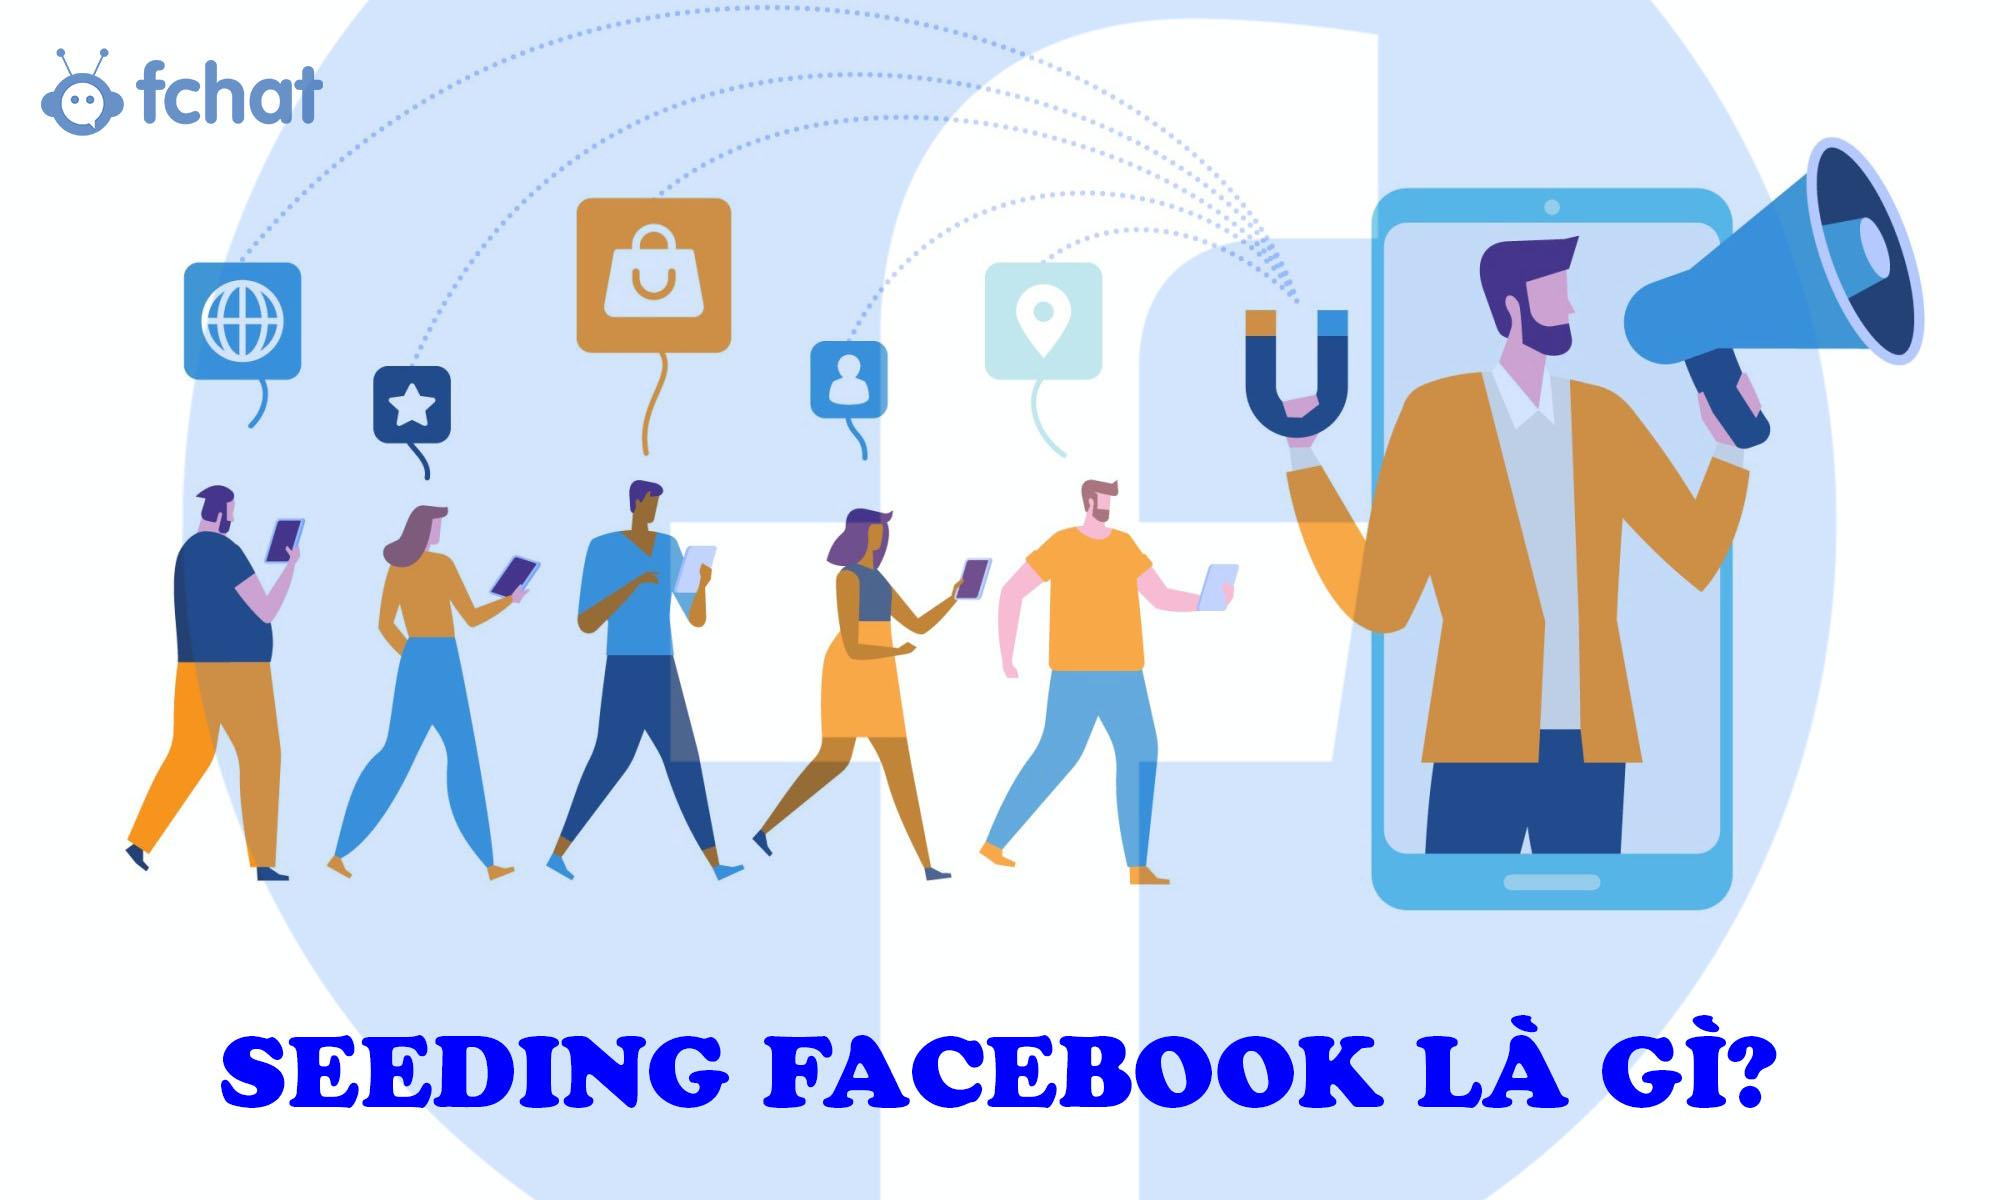 Seeding Facebook là gì? Cẩm nang Seeding Facebook từ A - Z cho người mới  bắt đầu